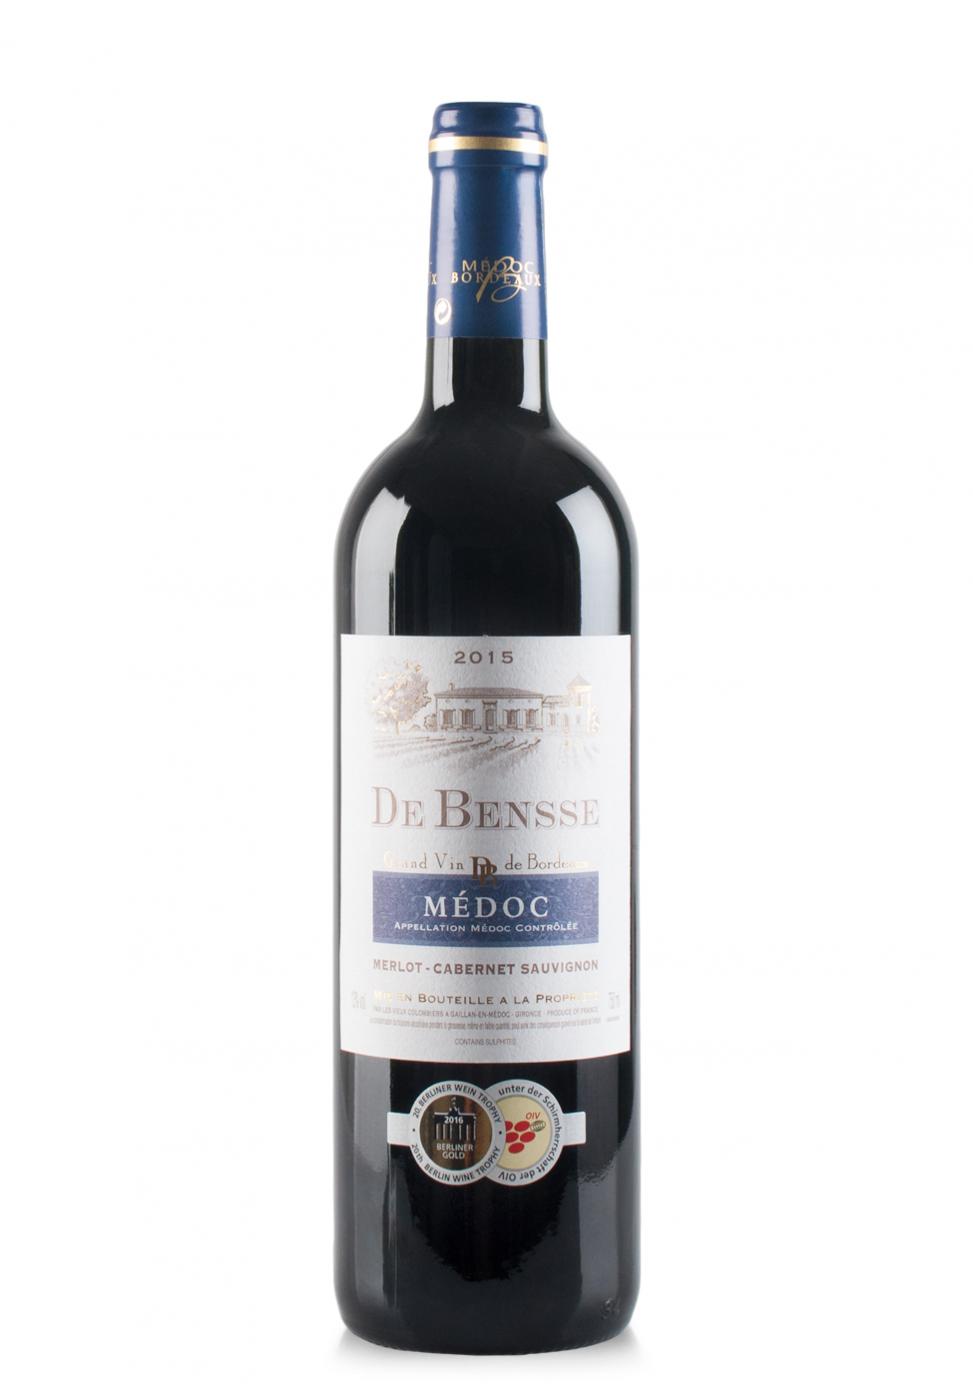 Vin De Bensse, A.O.C. Medoc 2015 (0.75L)